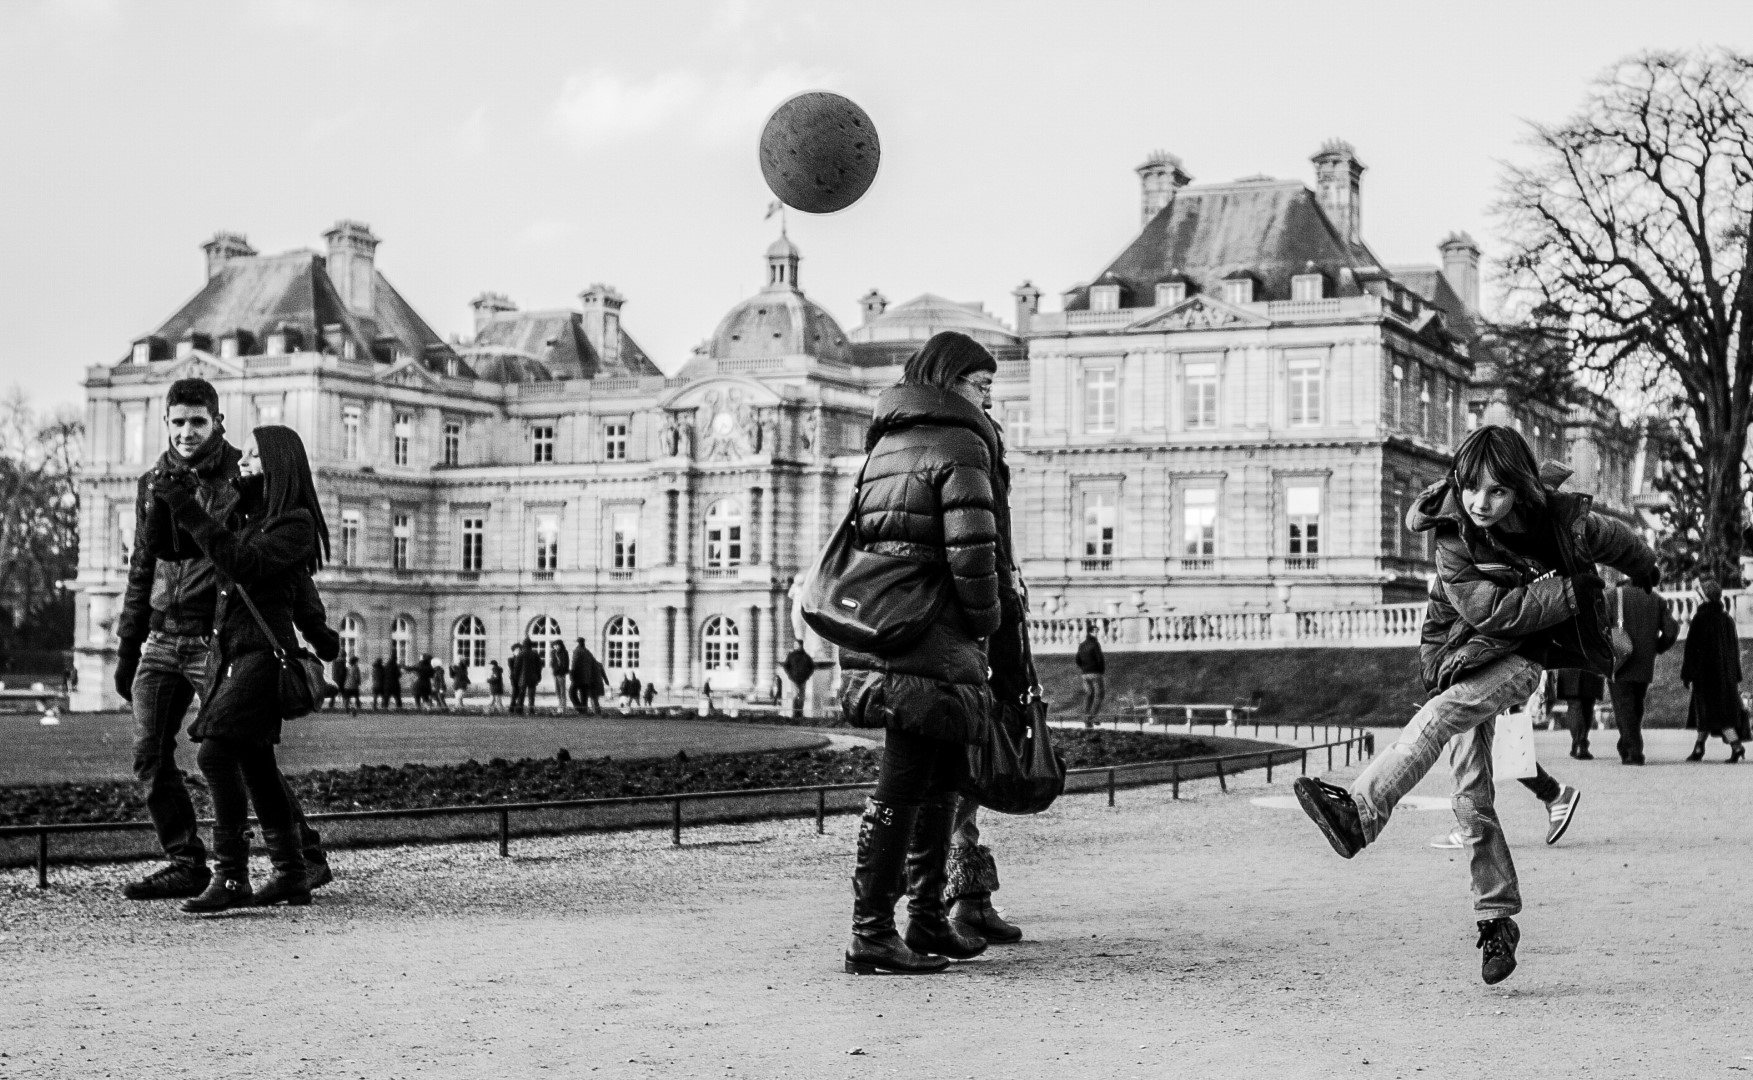 PARIS | 2013